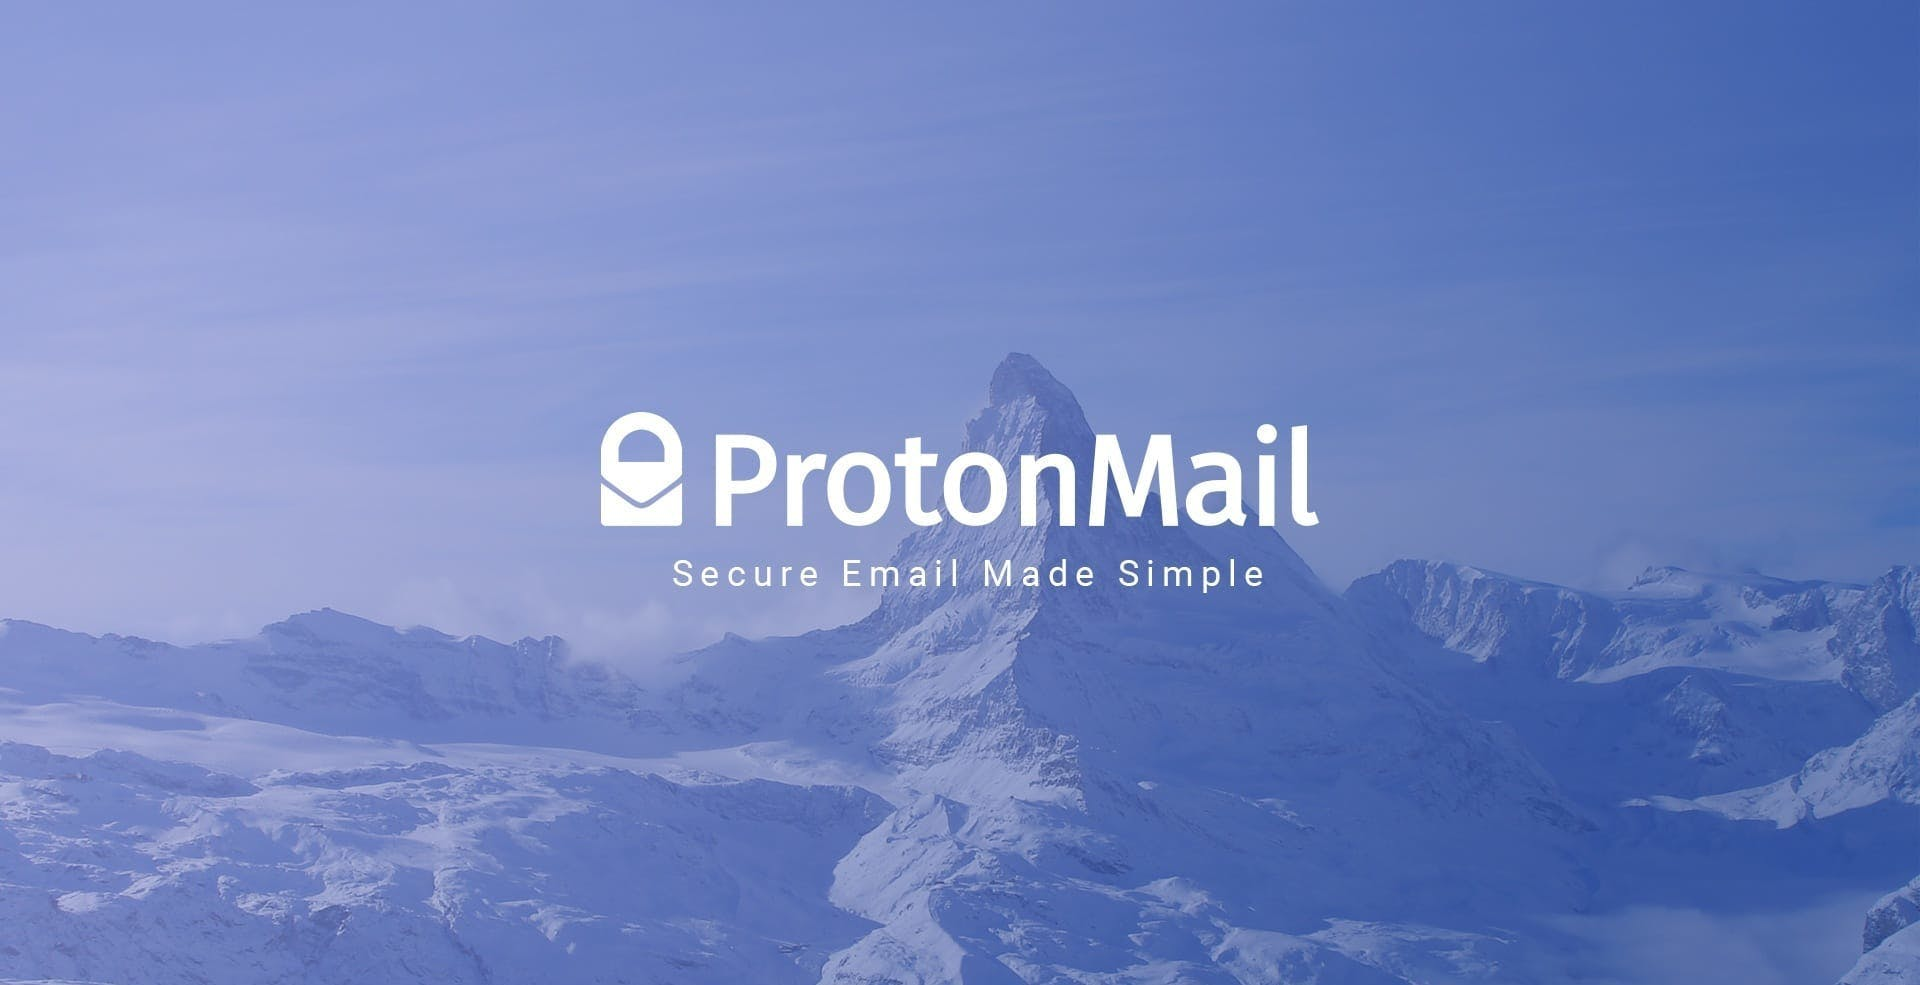 ProtonMail promette privacy, ma ha fornito degli indirizzi IP alle autorità